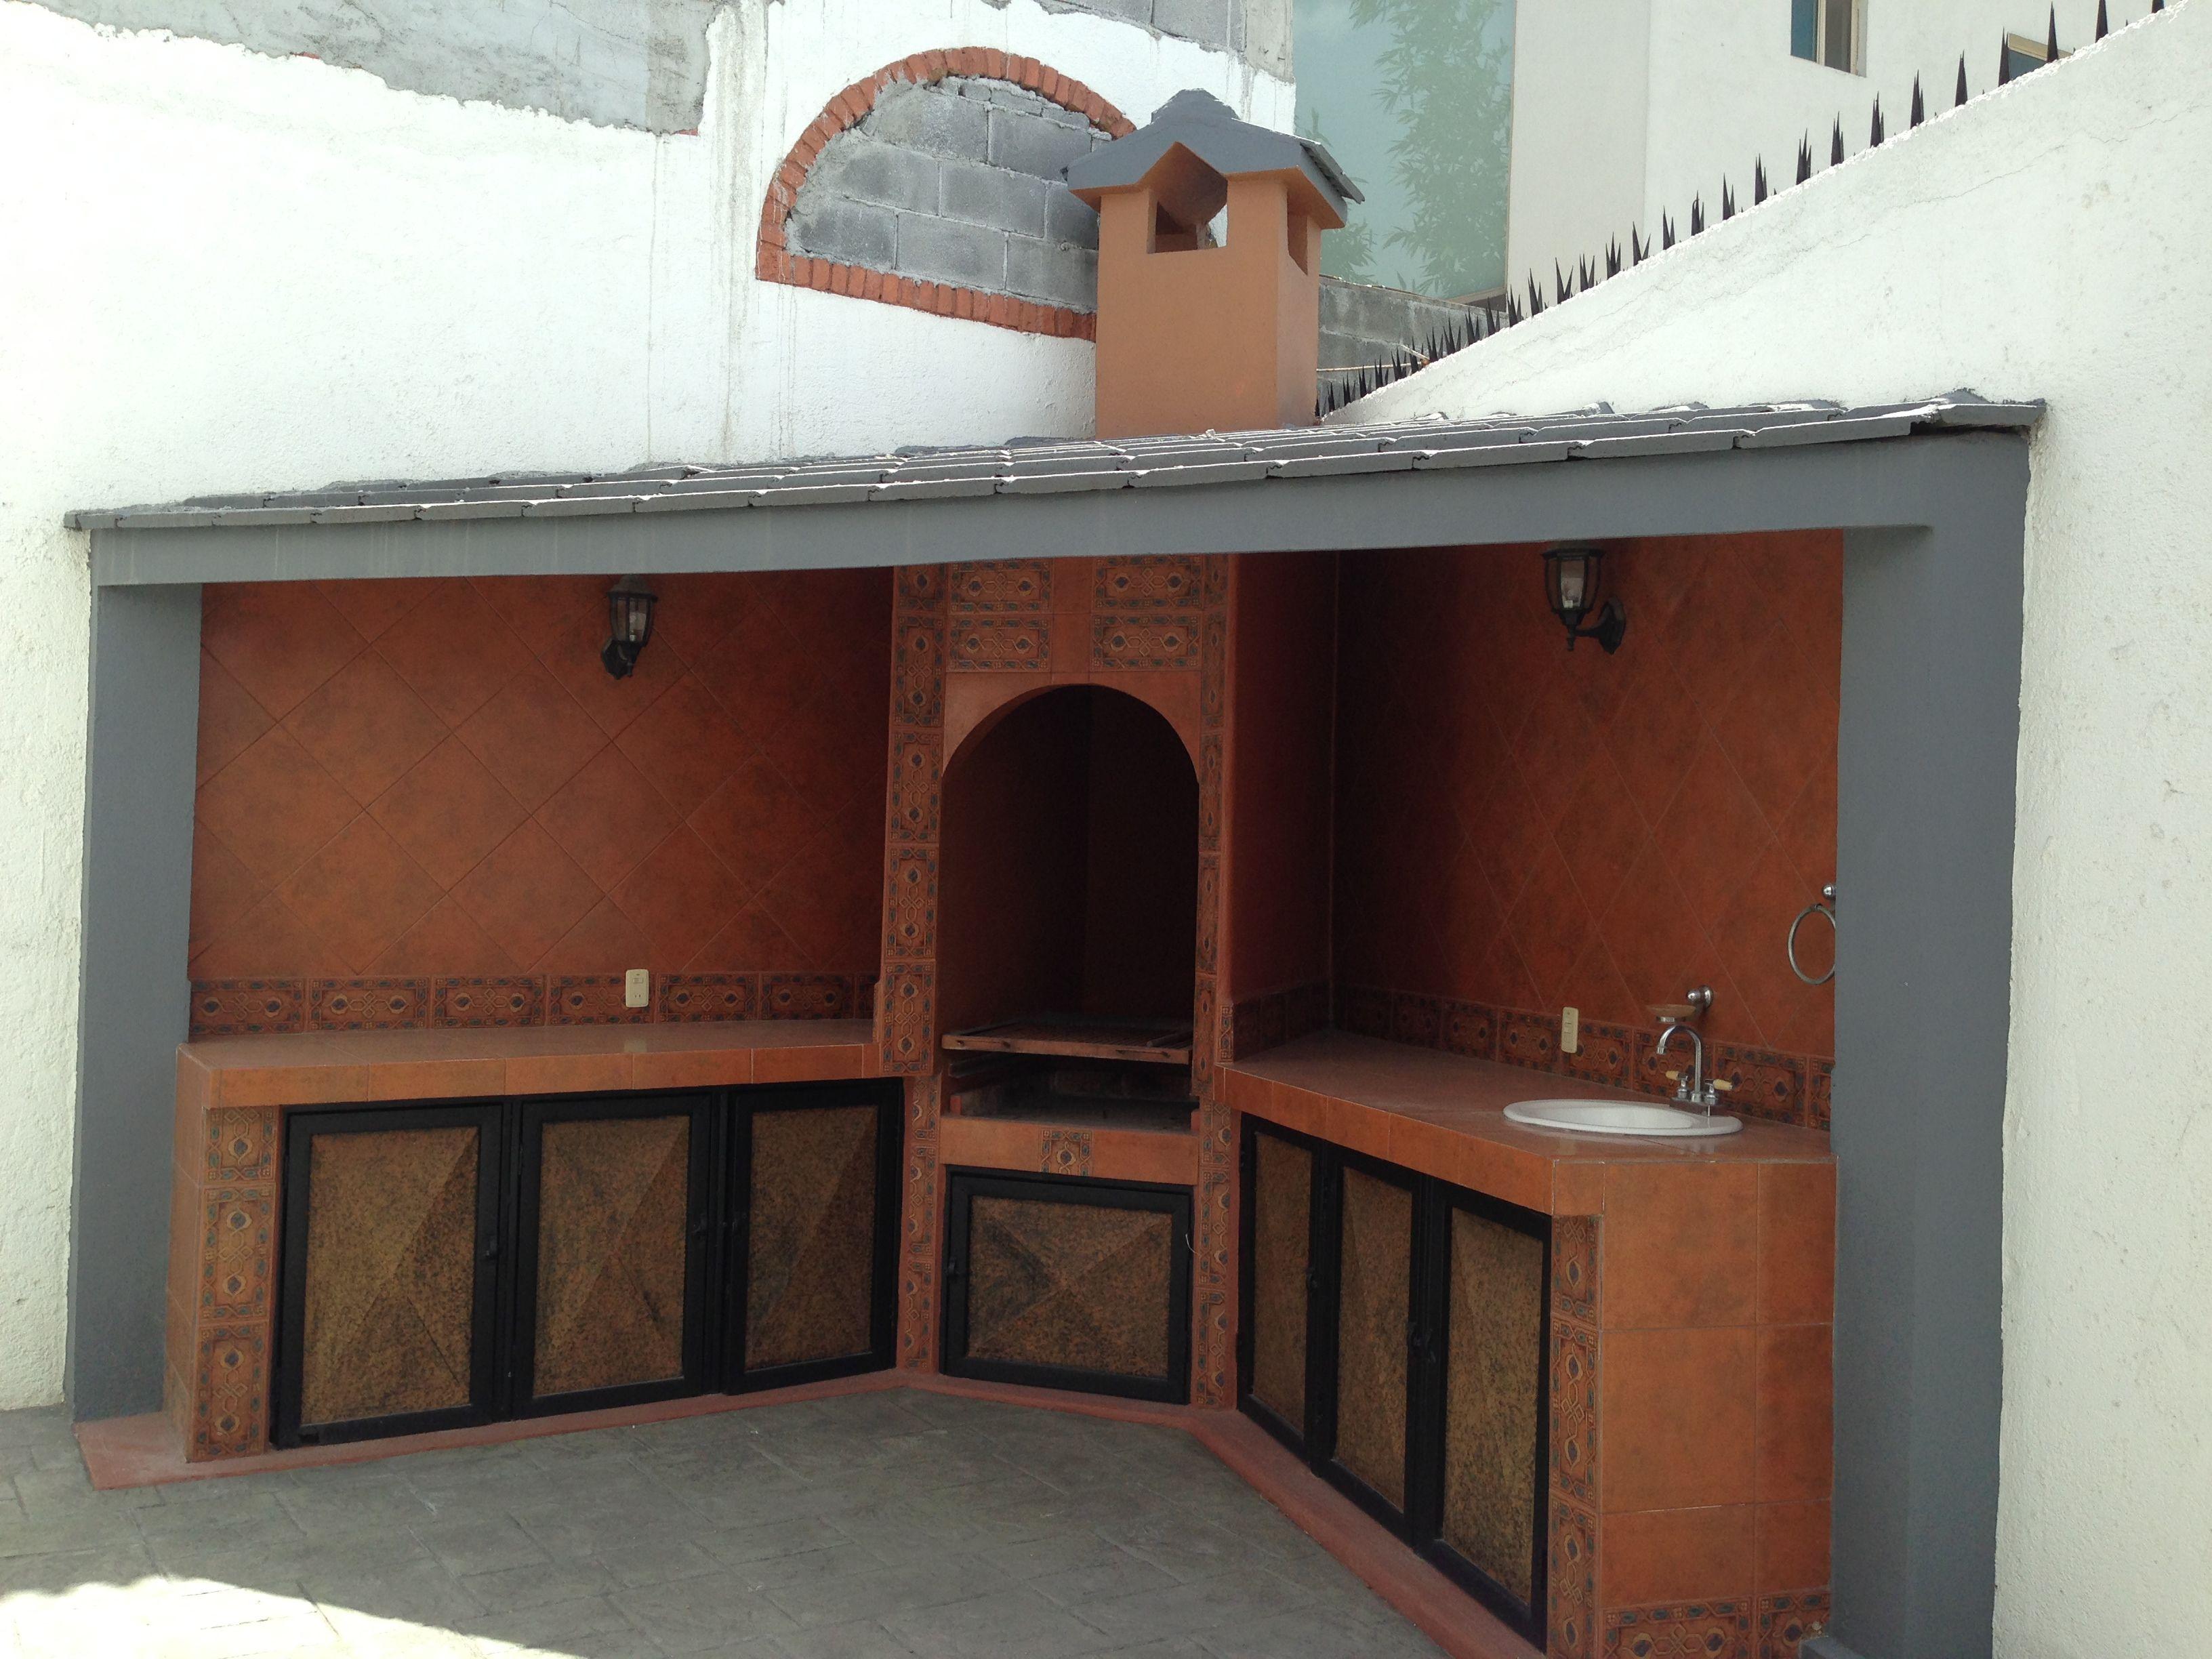 Patio con asador cumbres 5to sector mty for Asadores de jardin de ladrillo